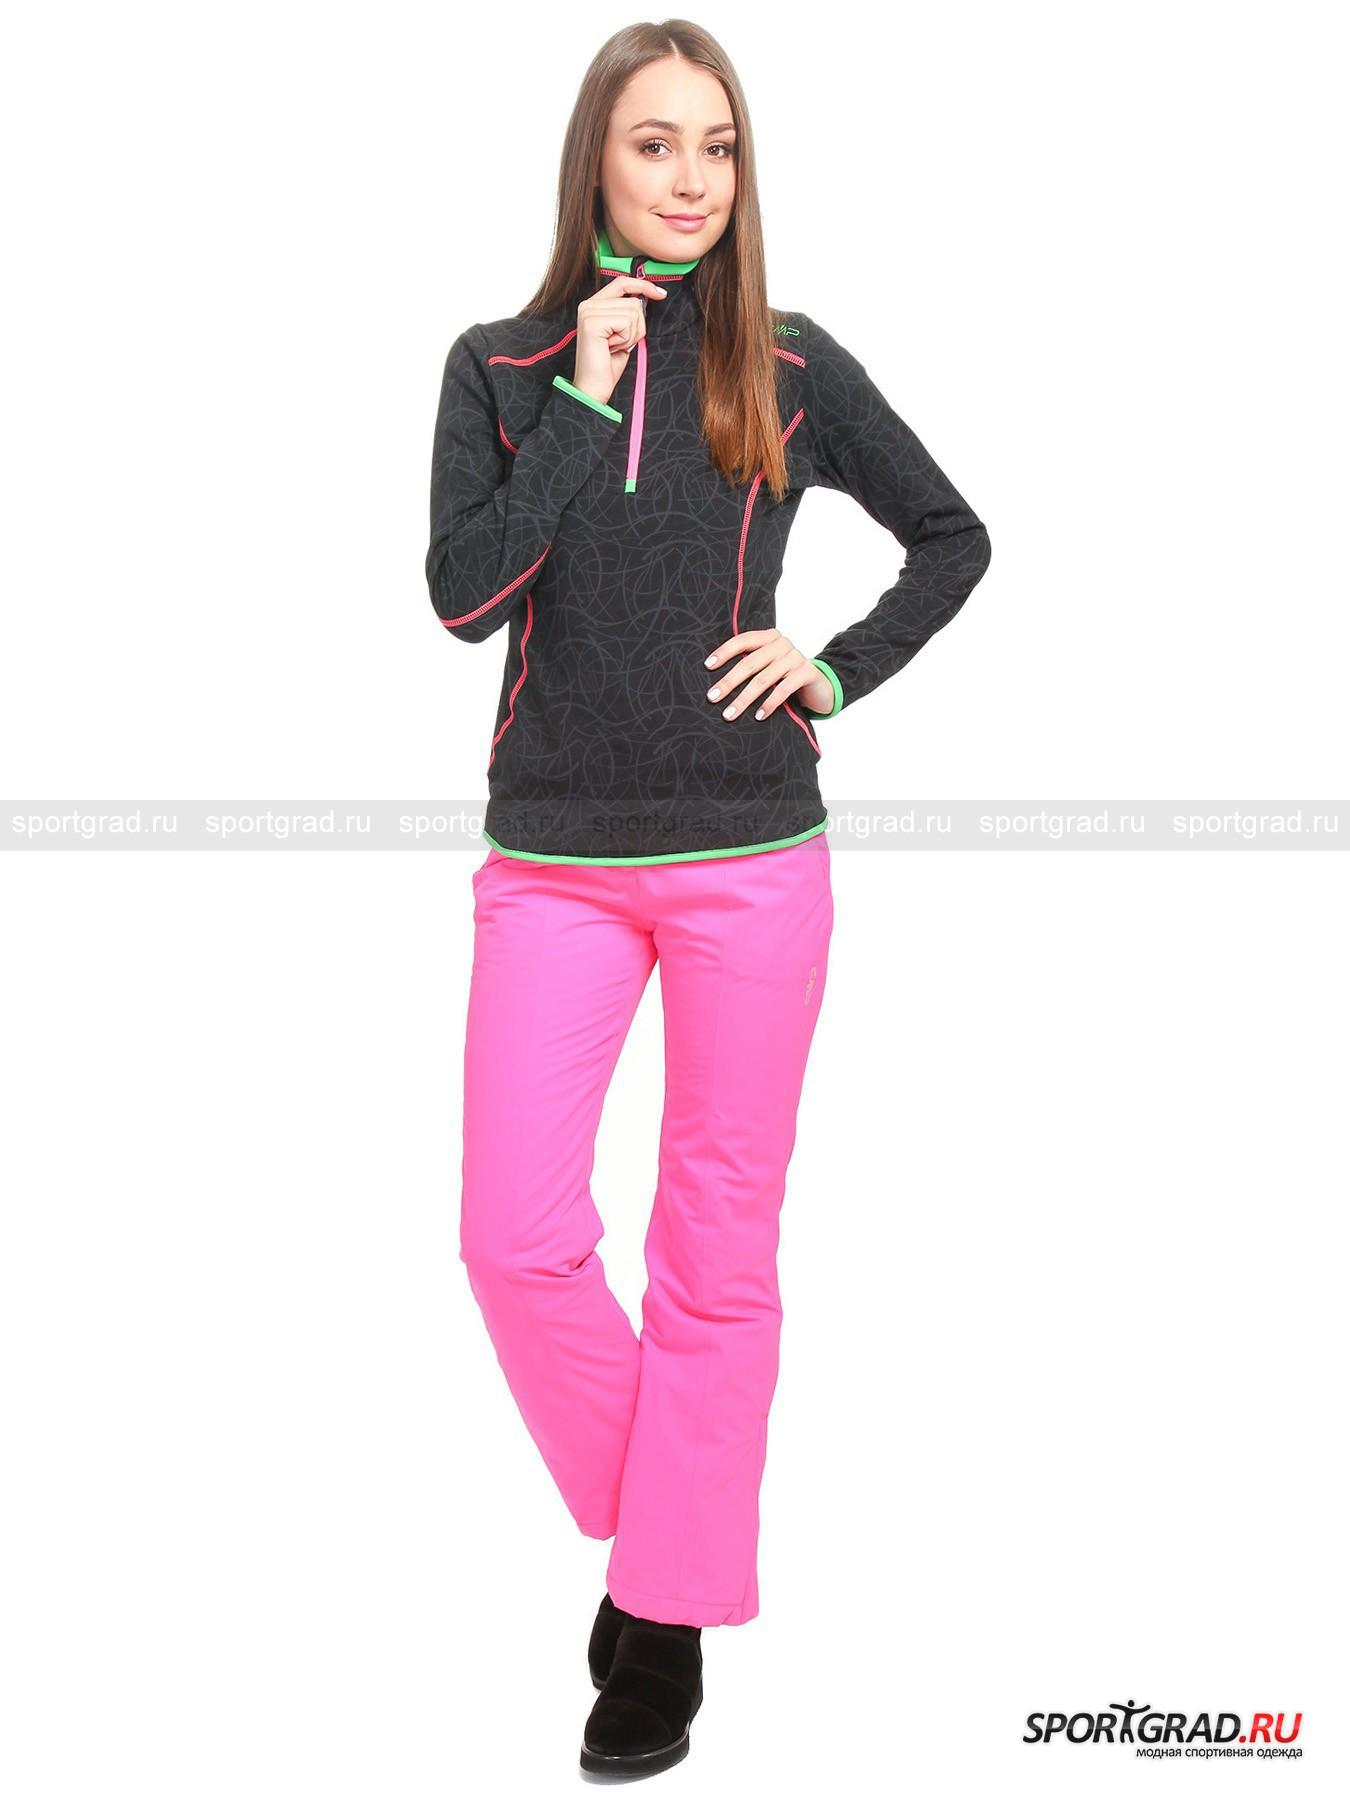 Олимпийка женская горнолыжная WOMAN FLEECE SW CAMPAGNOLO от Спортград